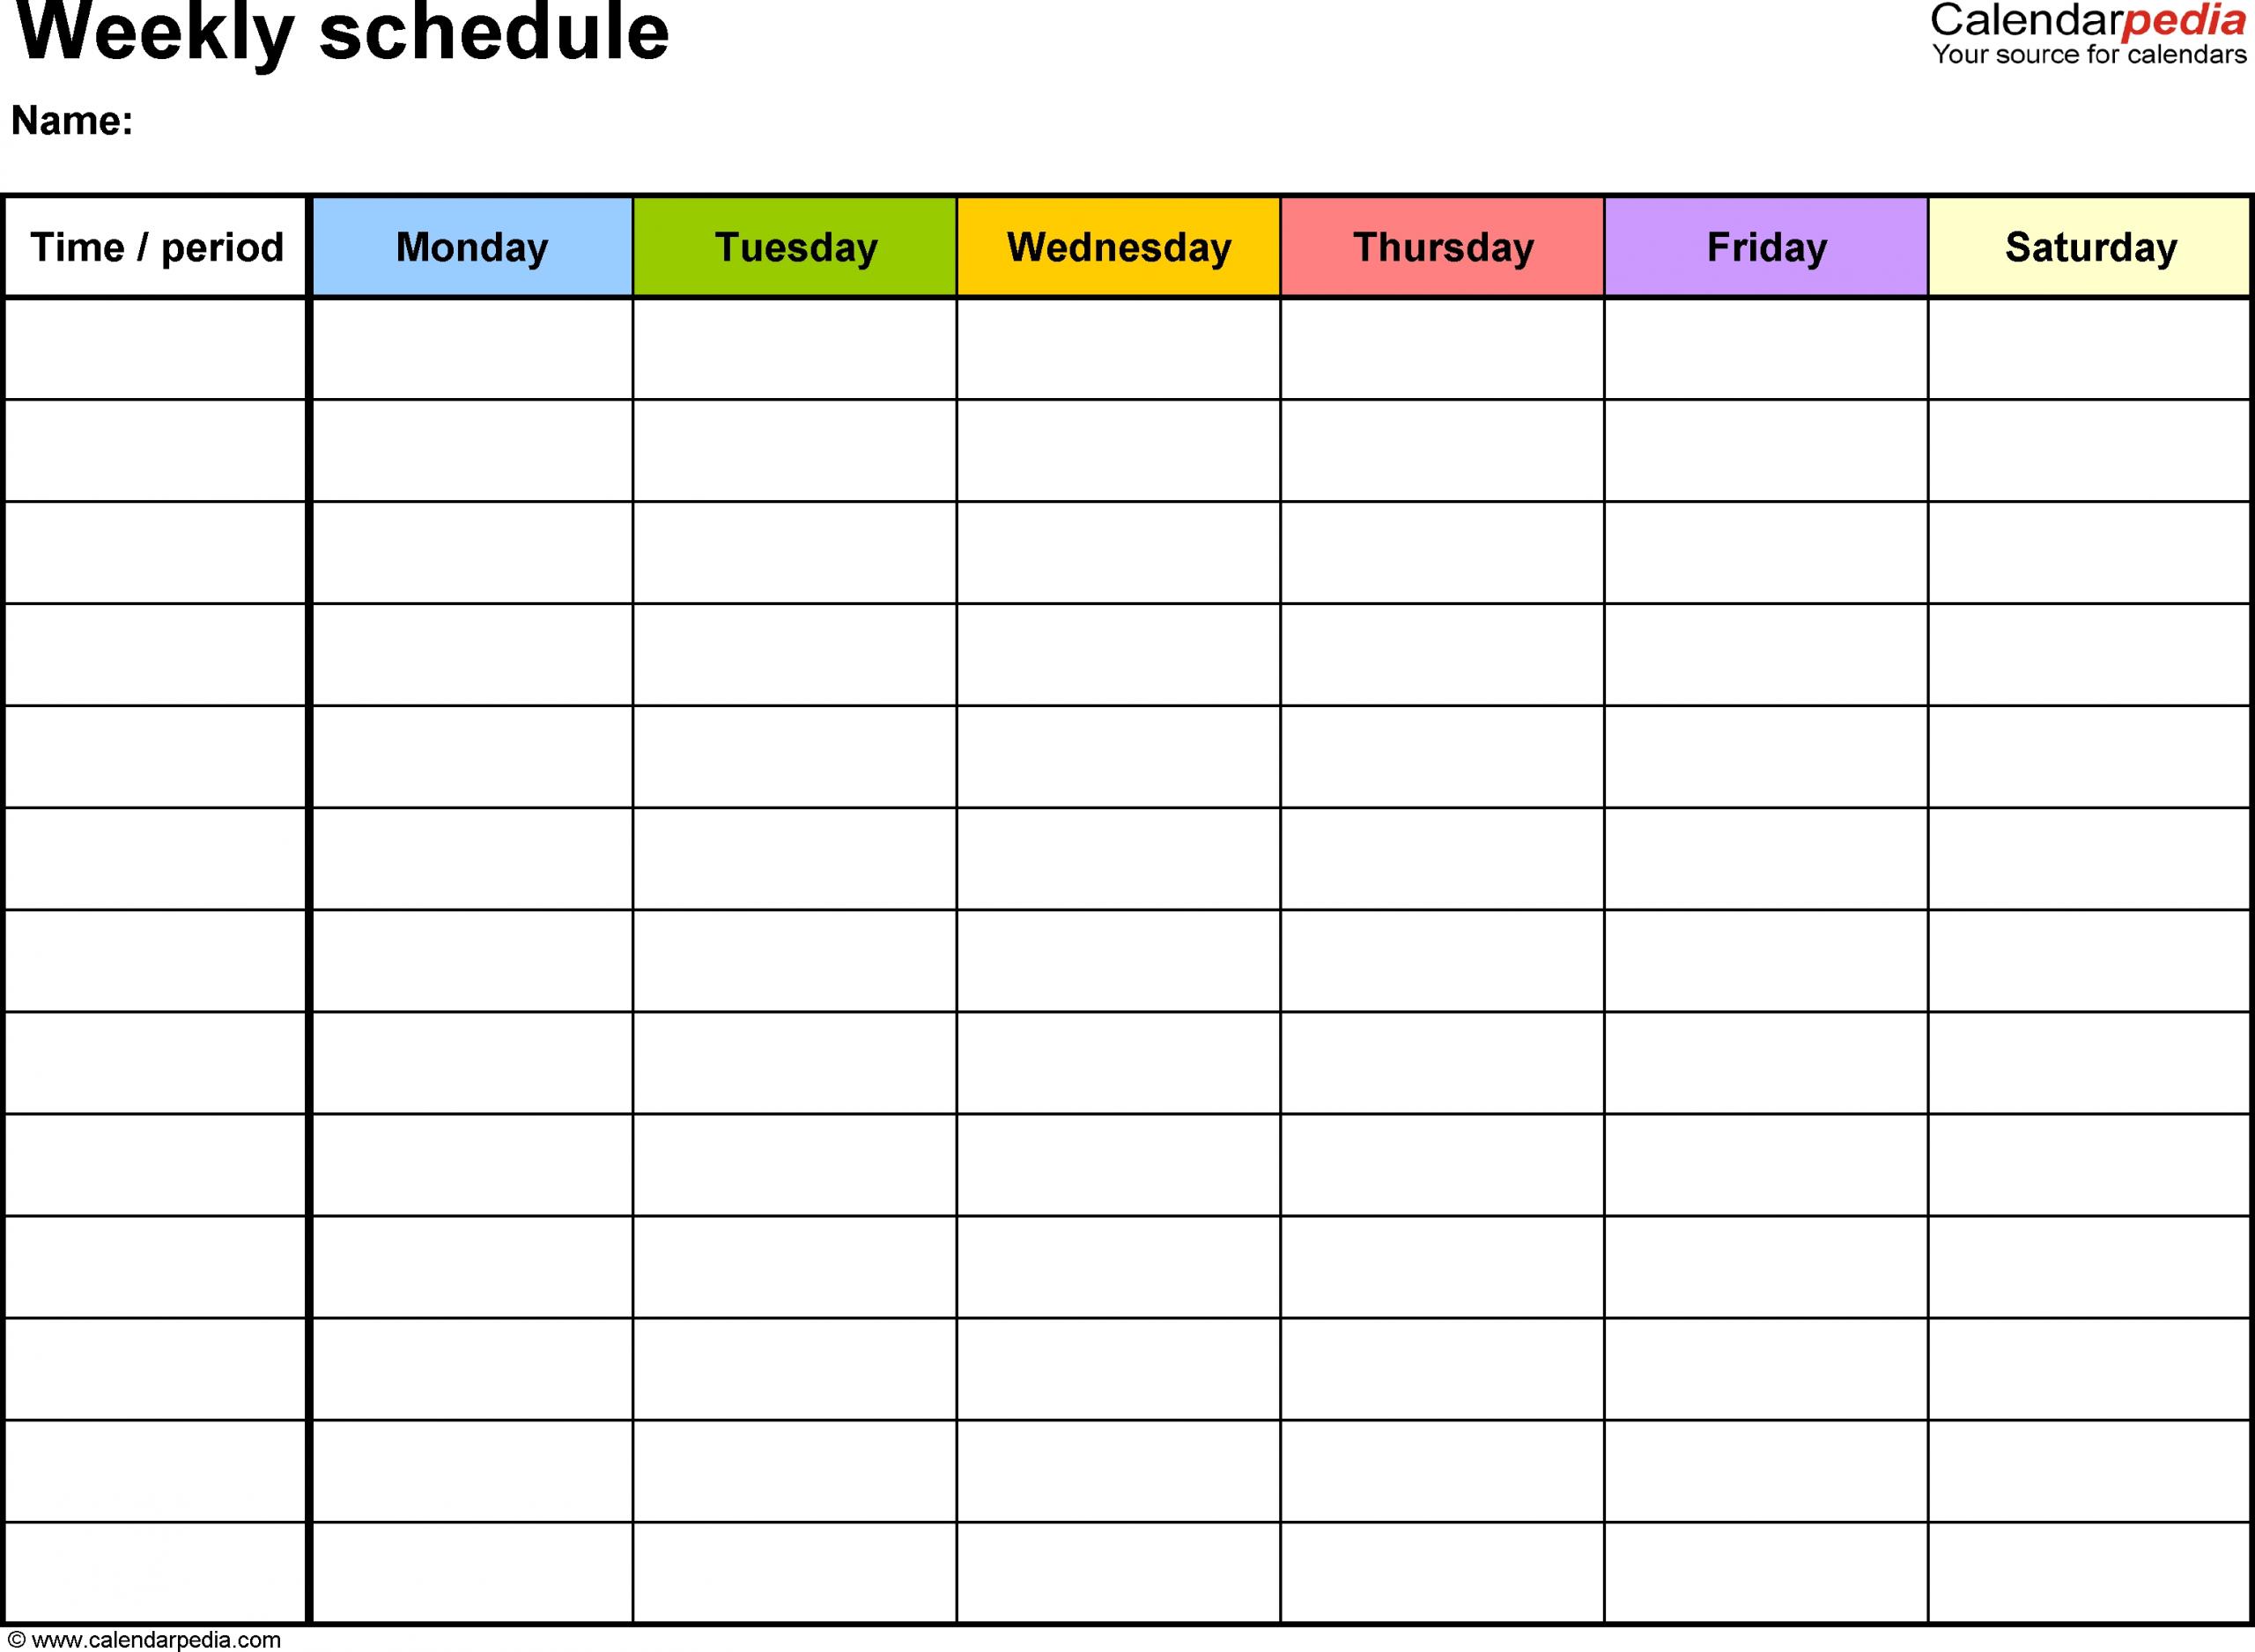 7 Day Calendar Template | Free Calendar Template Example 7 Day Calendar Printable